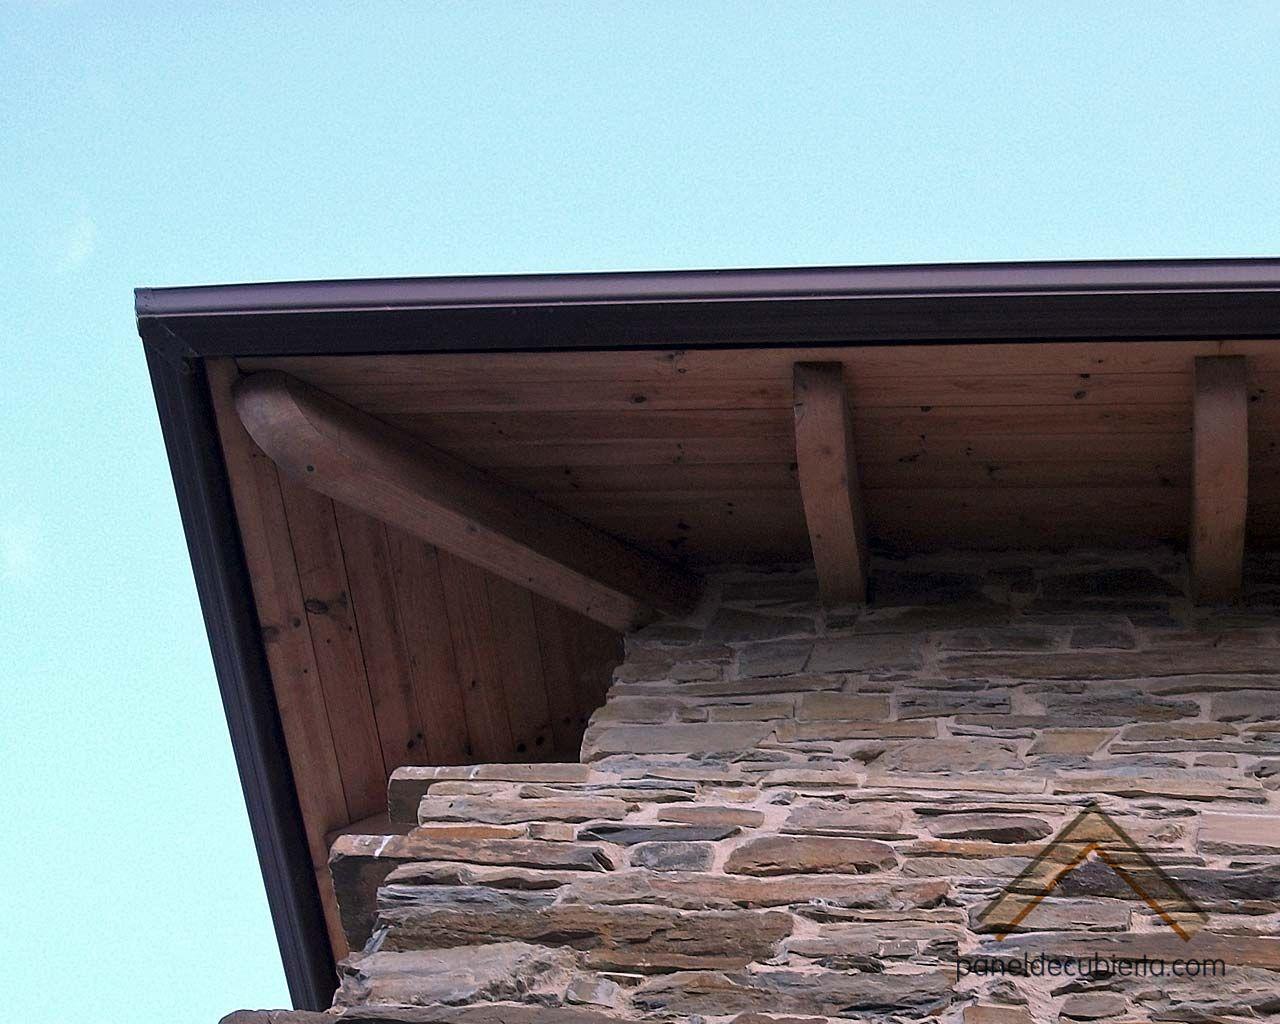 Aleros de panel sandwich de madera para cubiertas. Tono miel ...